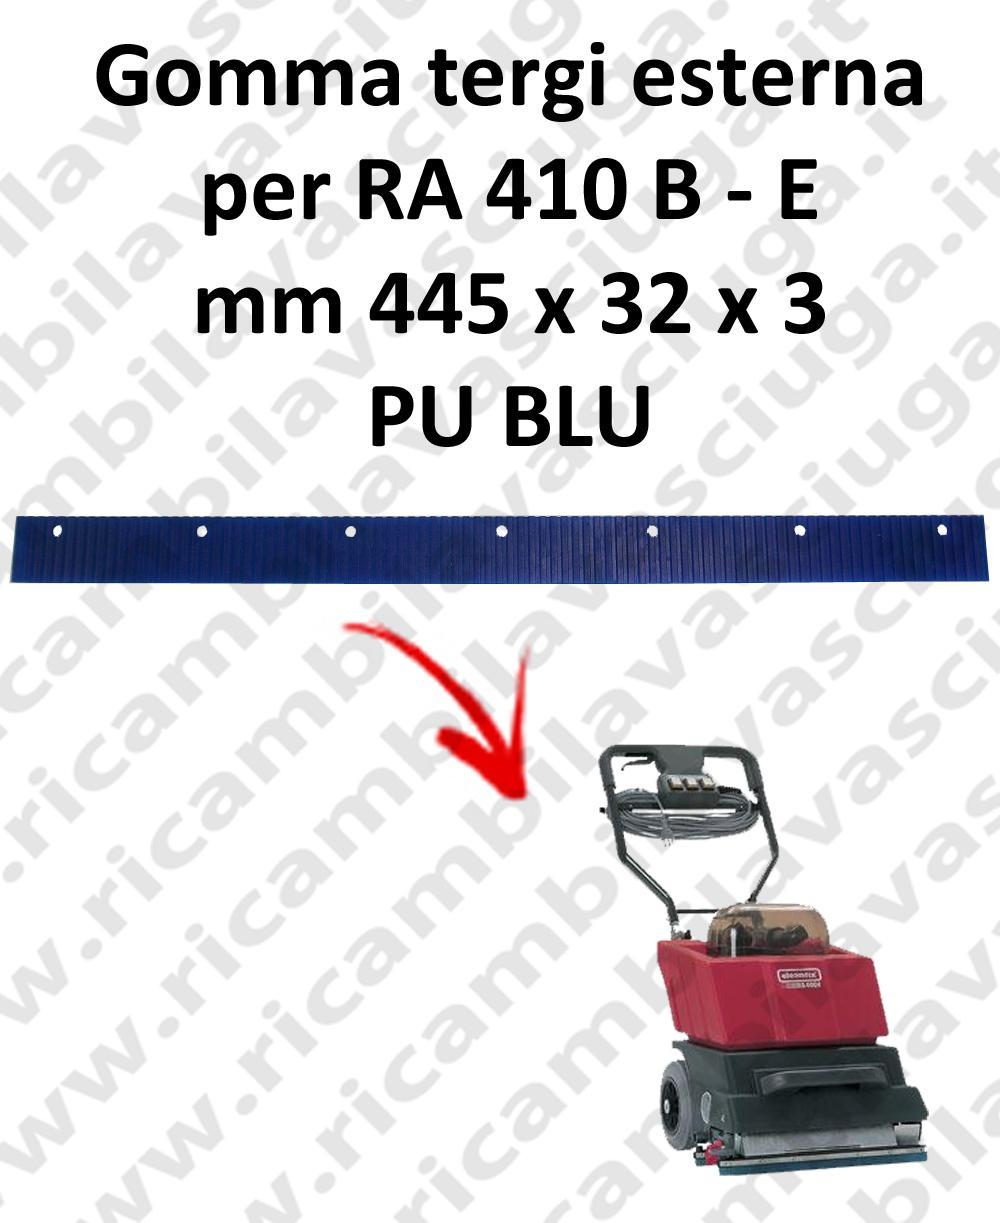 RA 410 B - et BAVETTE externe pour CLEANFIX rechange autolaveuses suceur